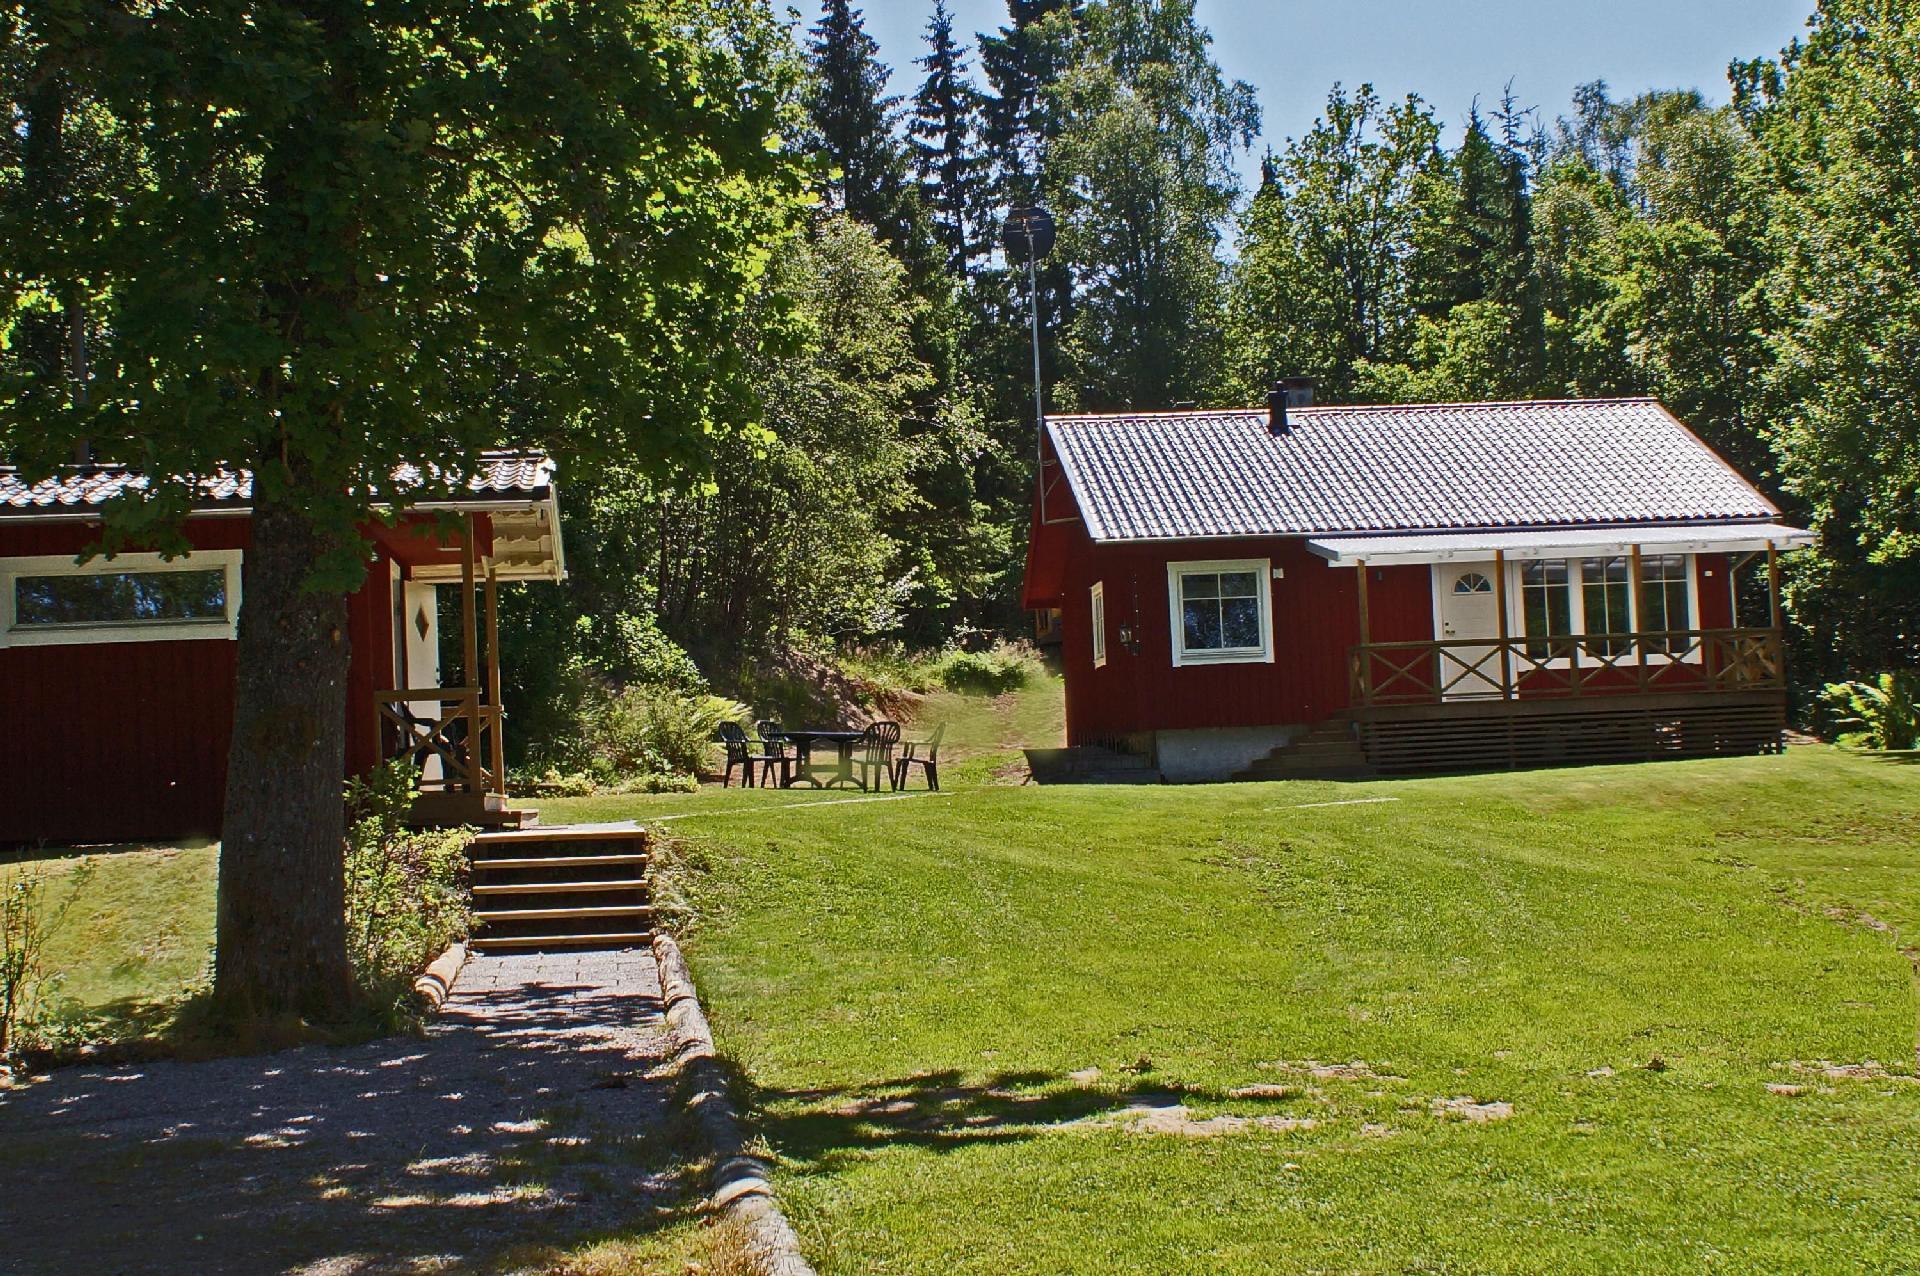 Ferienhaus für 6 Personen ca 85 m² in Sexdrega Südschweden See Åsunden